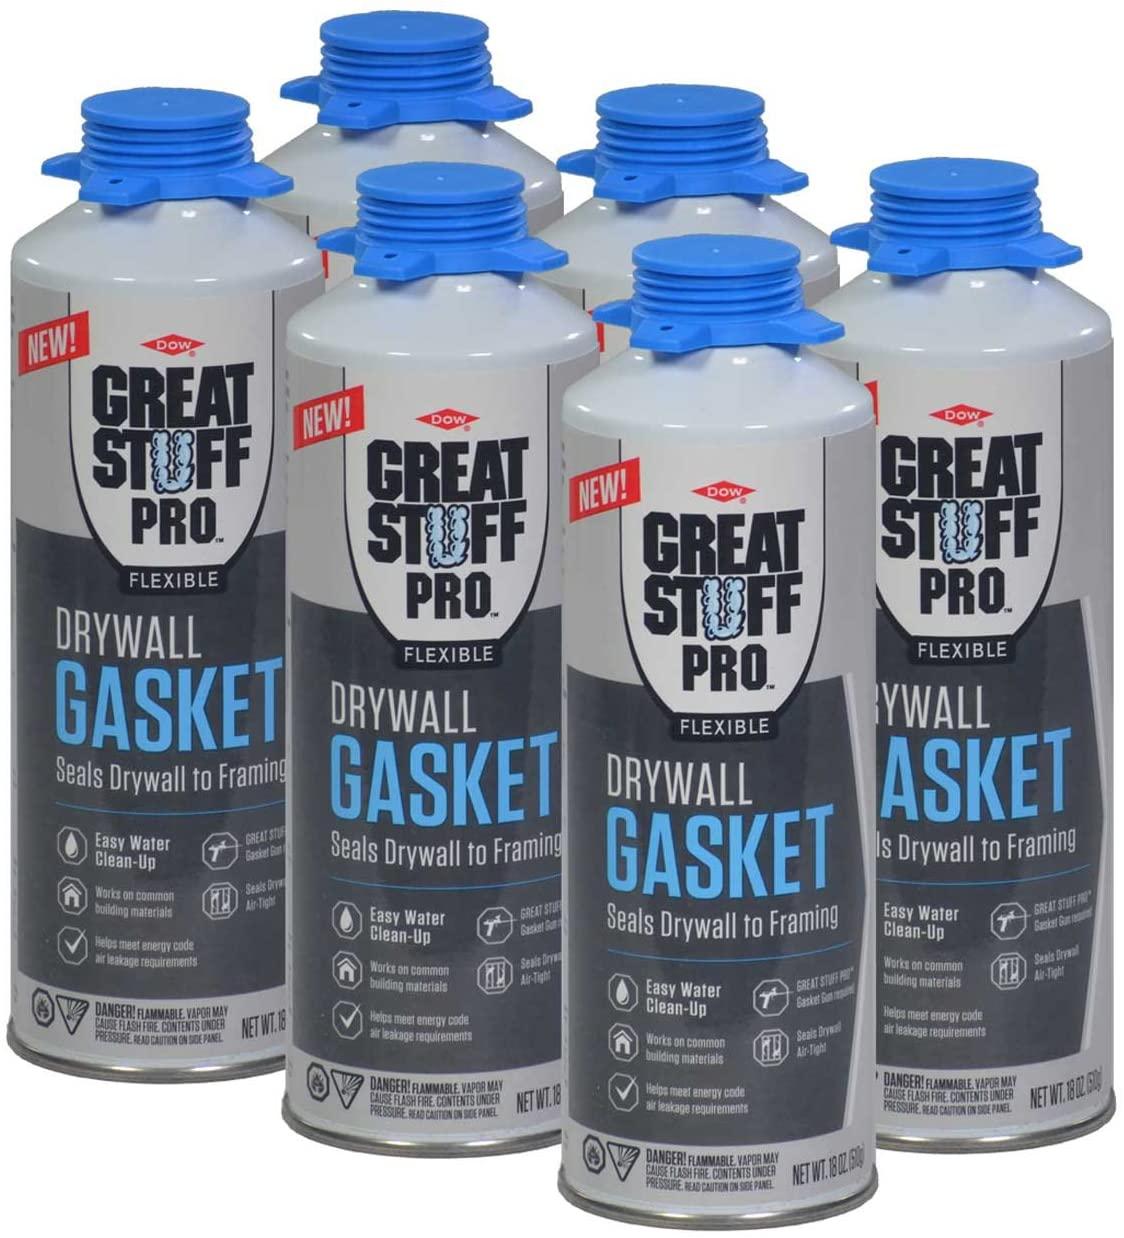 Great Stuff Pro Flexible Drywall Gasket Foam, 6-18 oz Cans, 1/2 Case